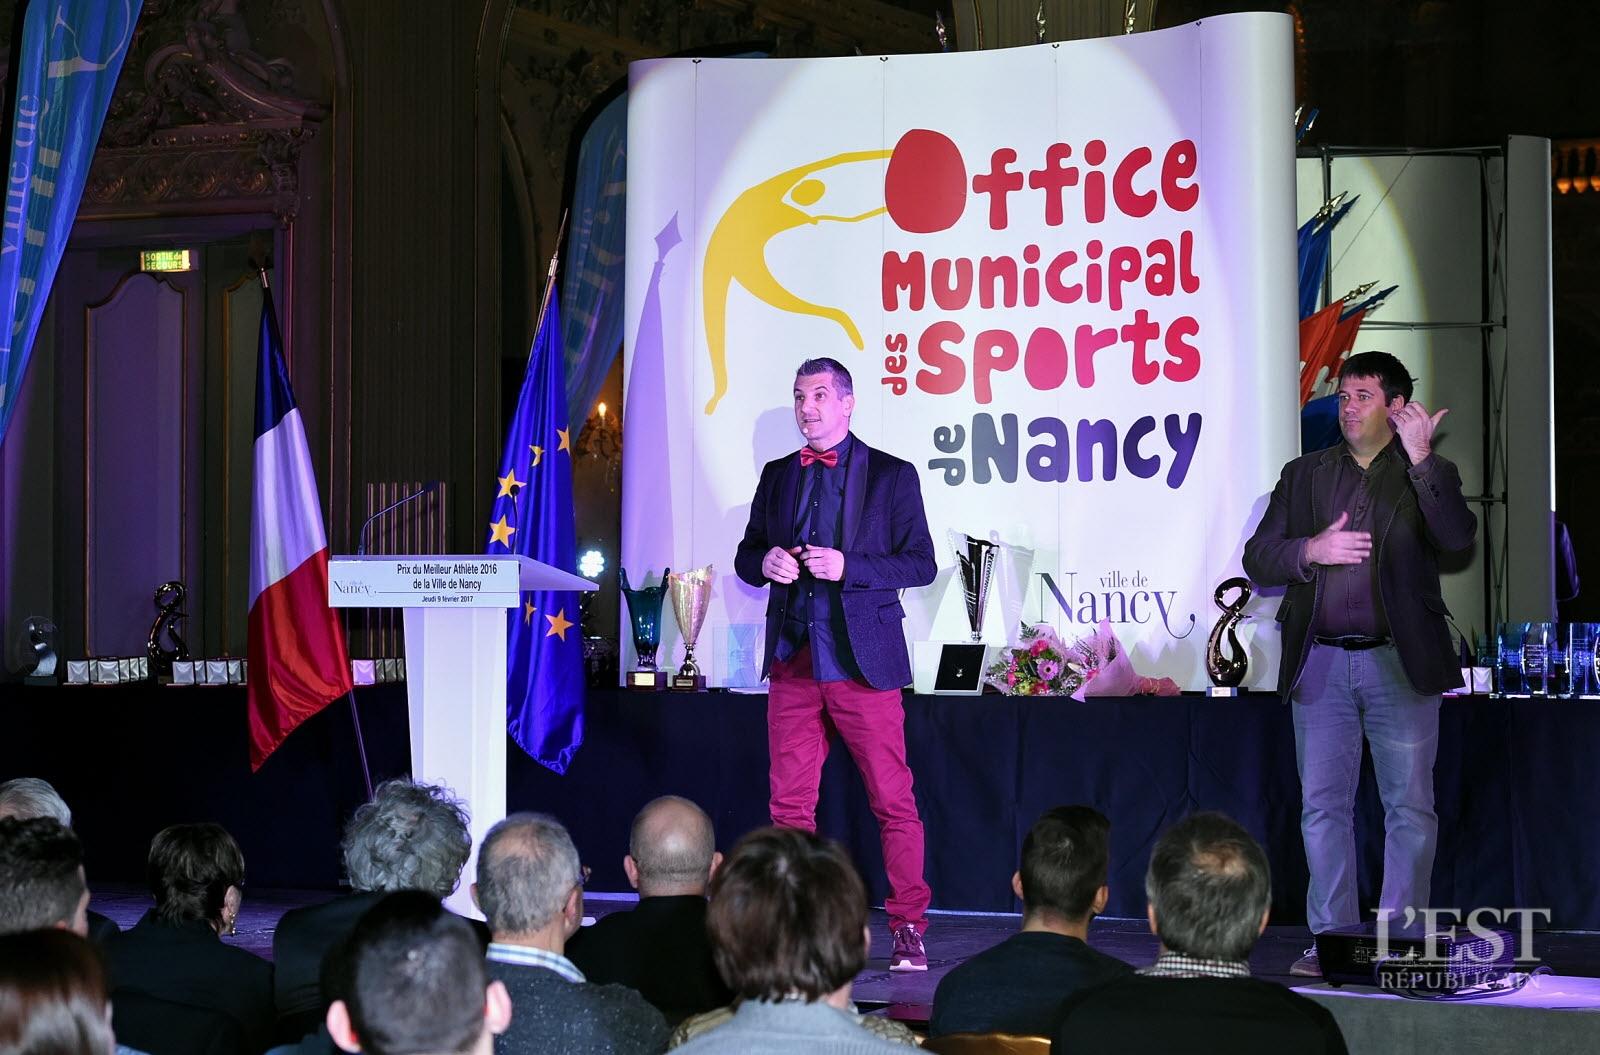 PMA JM prix-du-meilleur-athlete-2016-de-la-ville-de-nancy-photo-cedric-jacquot-1486679407.jpeg